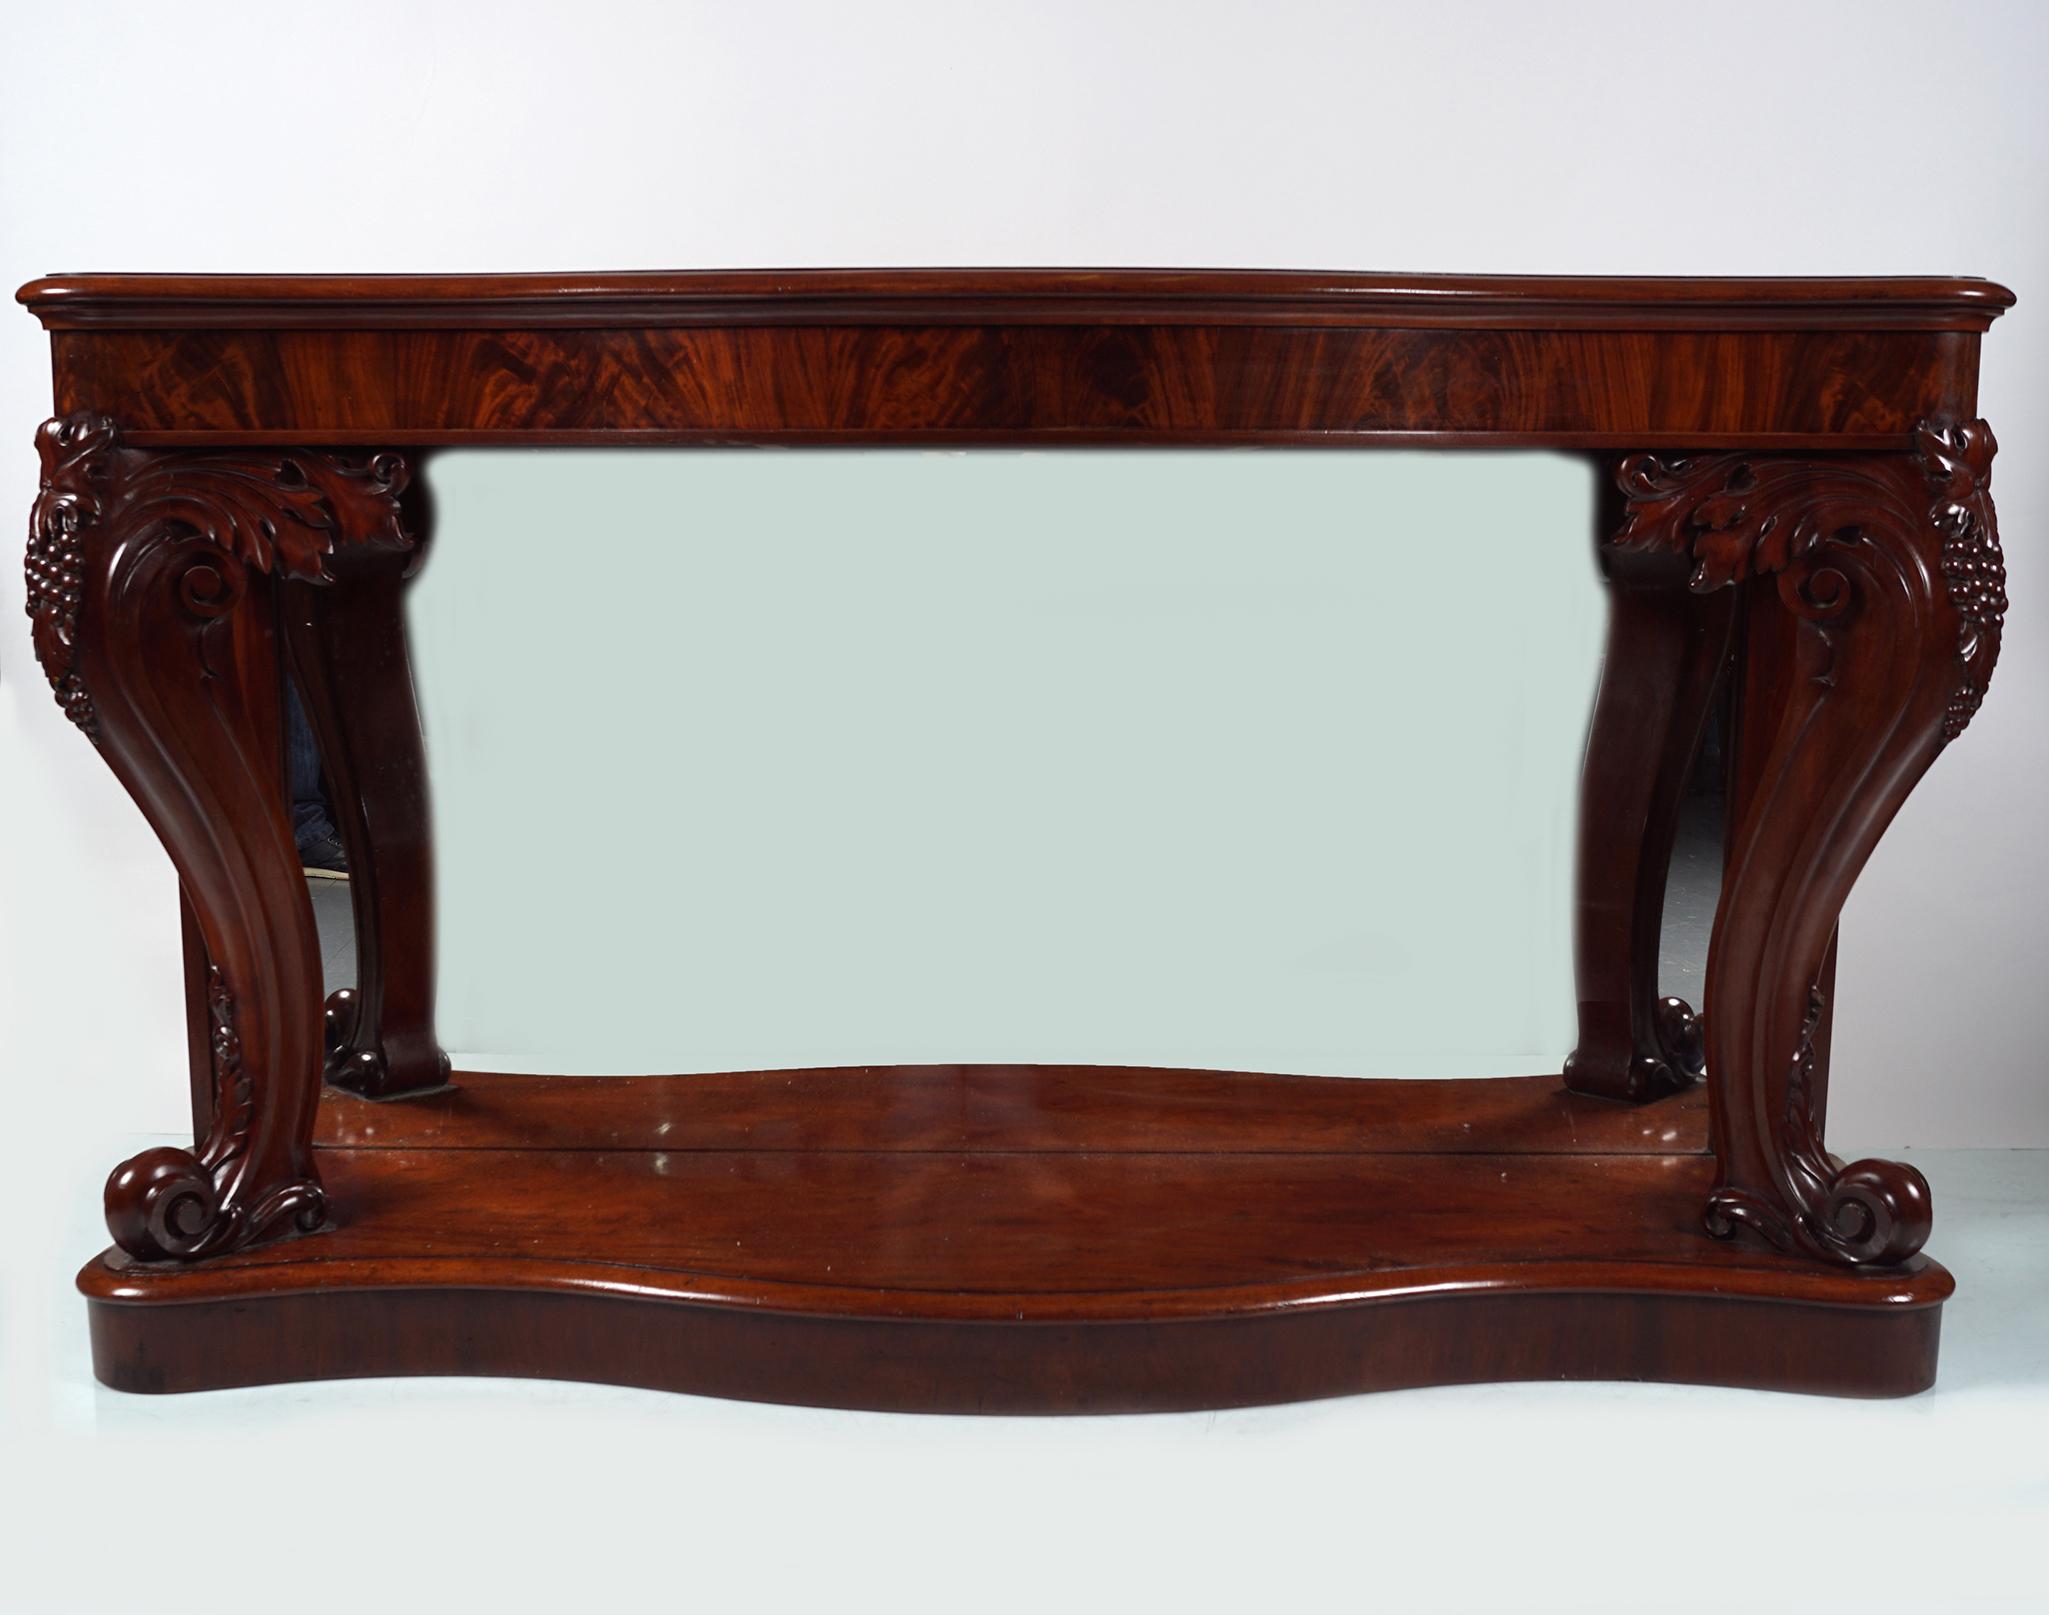 19TH-CENTURY MAHOGANY HALL TABLE